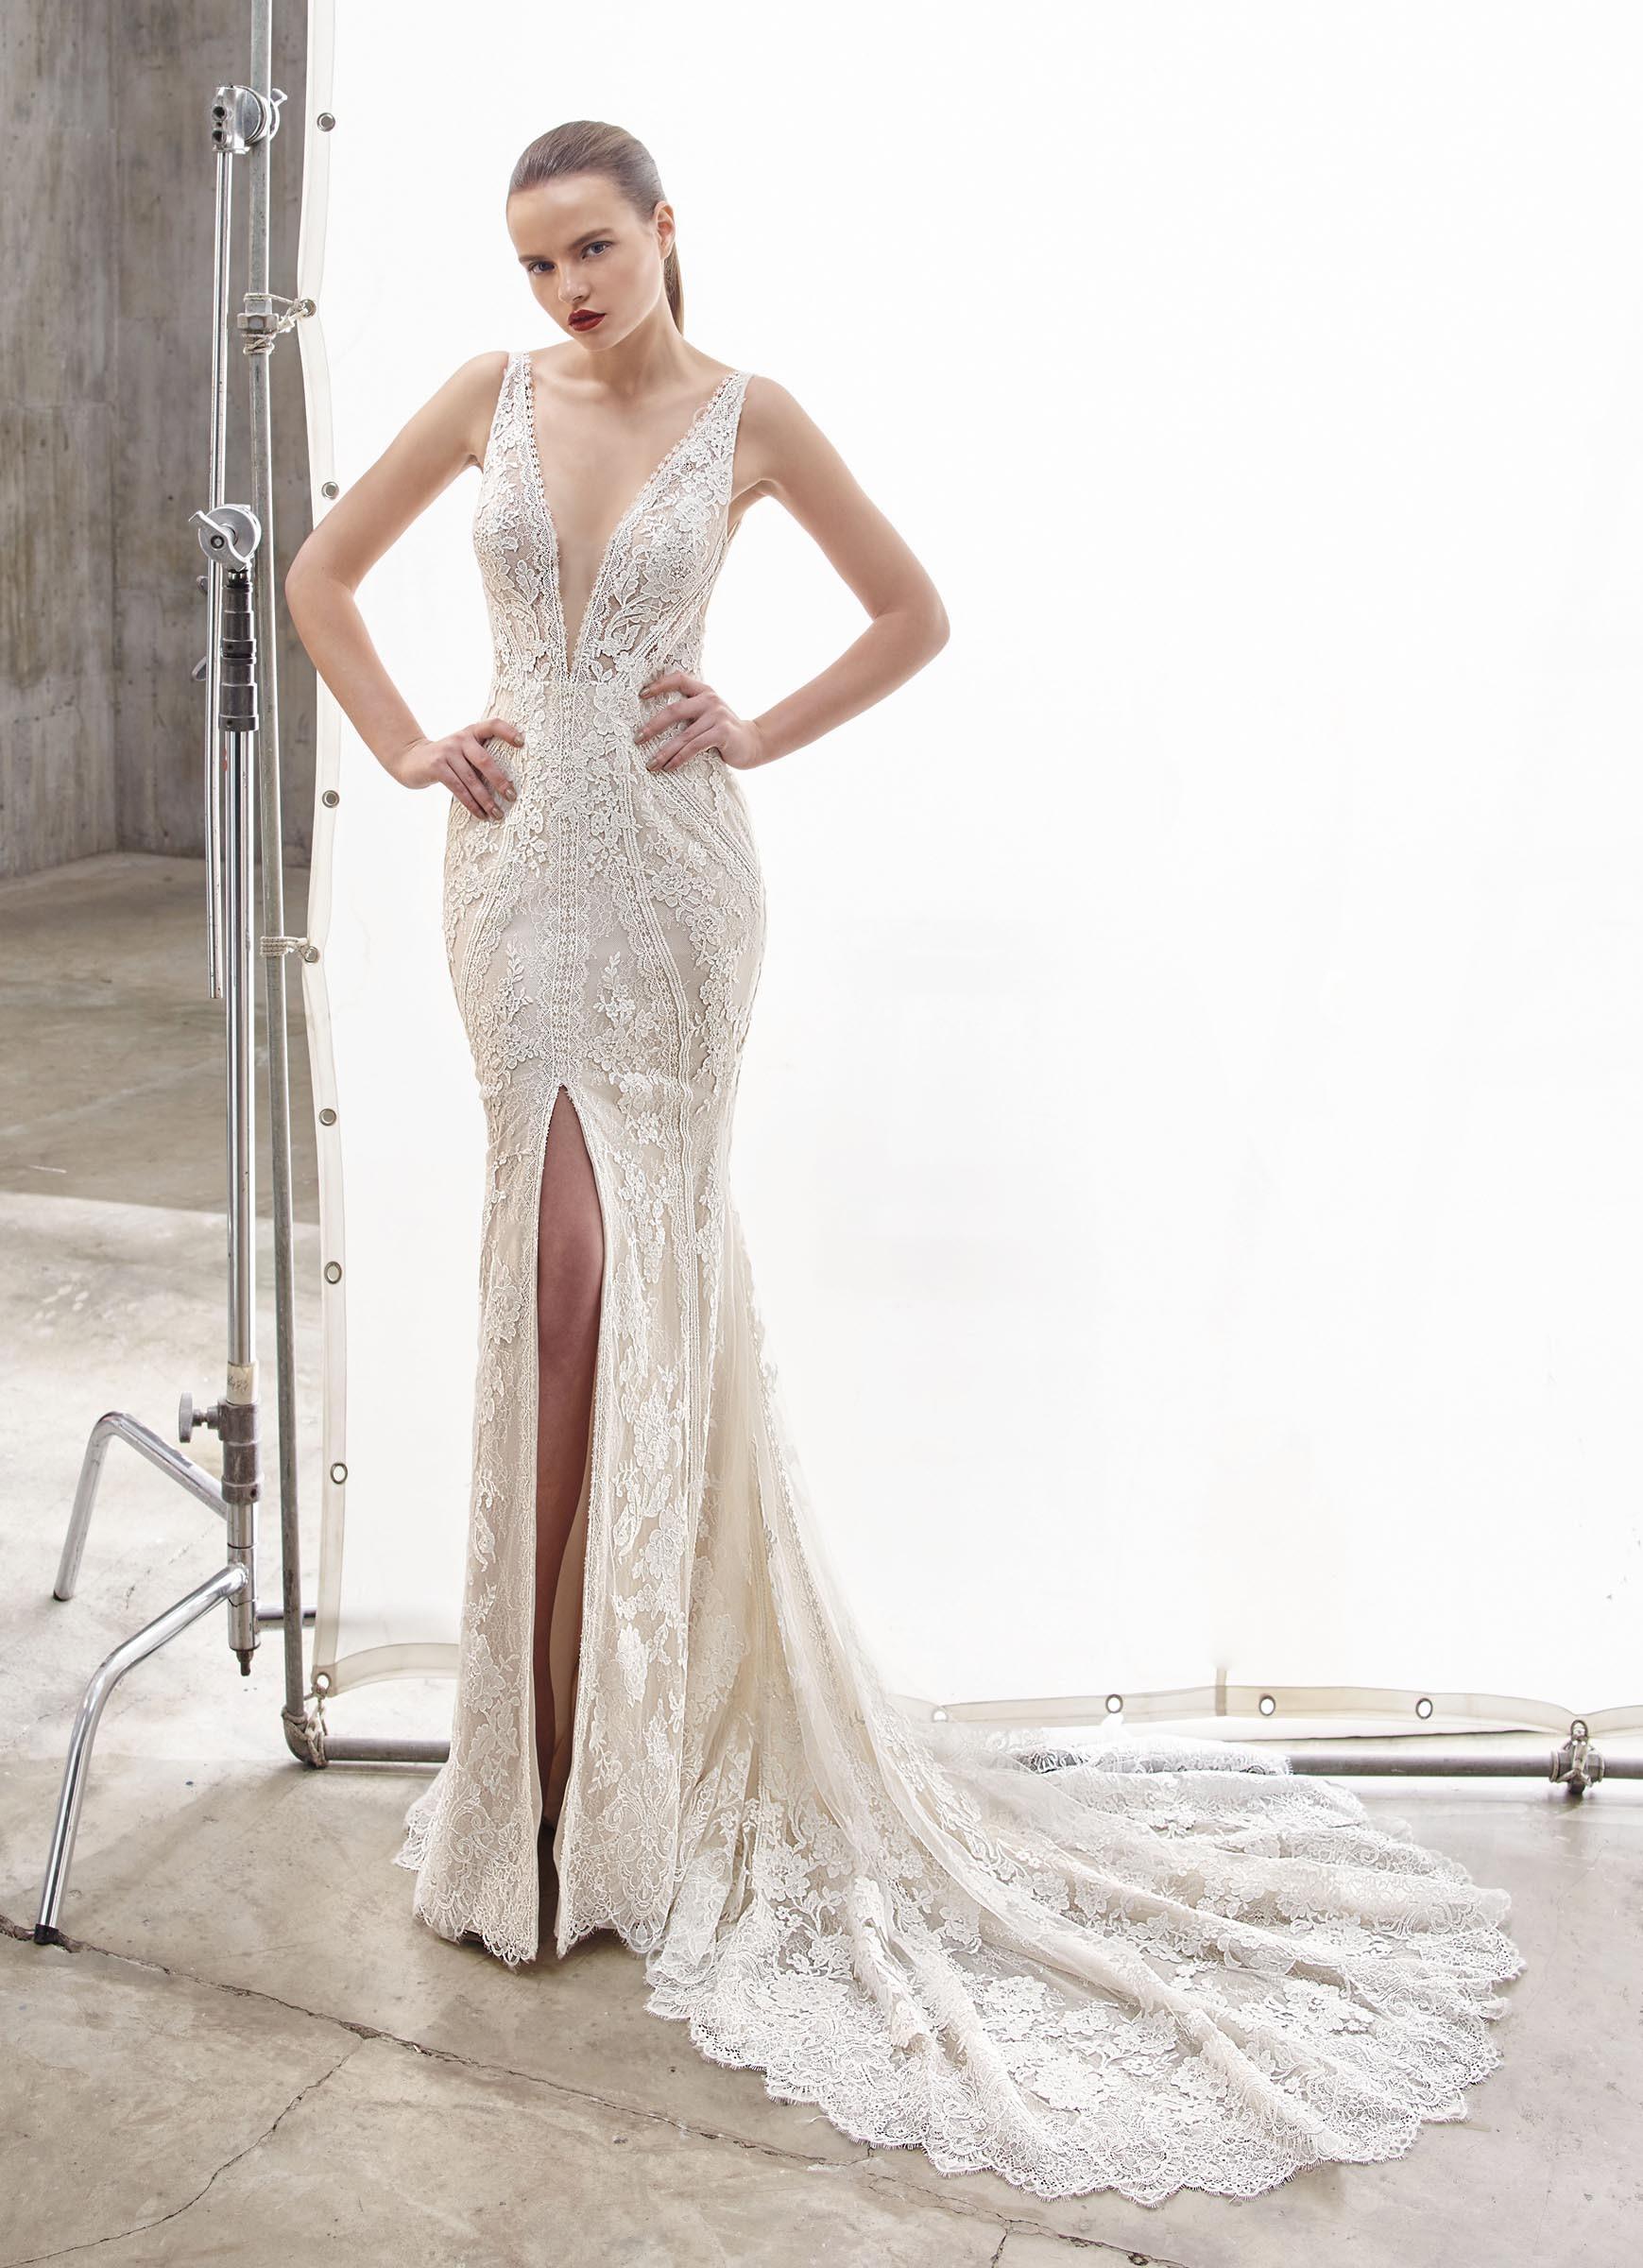 Brautkleid im Fit-and-Flare-Schnitt aus Spitze mit tiefem V-Ausschnitt, Beinschlitz und Schleppe von Enzoani, Modell Nancie, Frontansicht